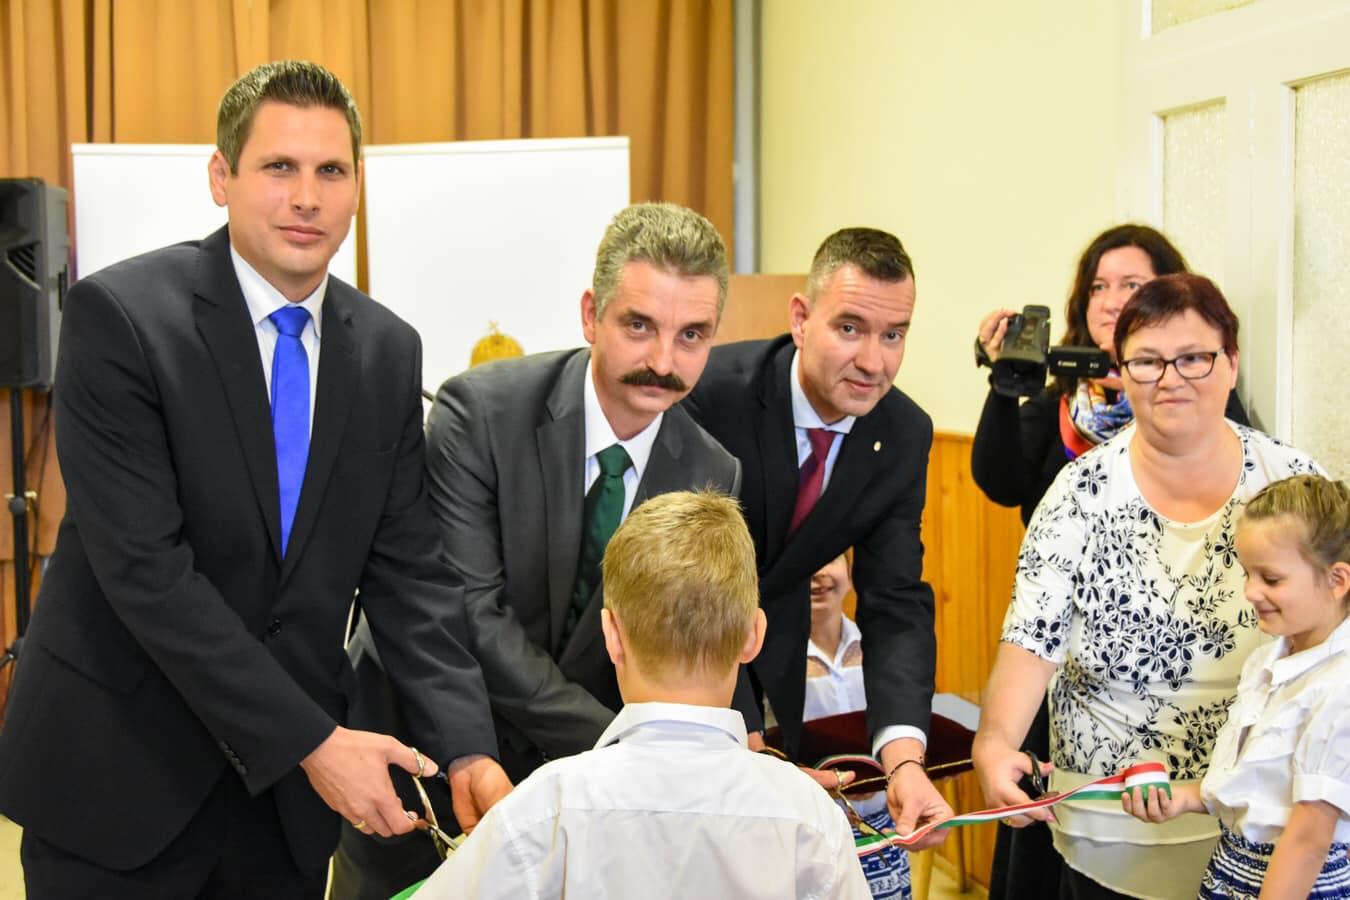 Óvodások előtt tartott kampánybeszédet, büszkélkedik a fideszes miniszterelnöki biztos